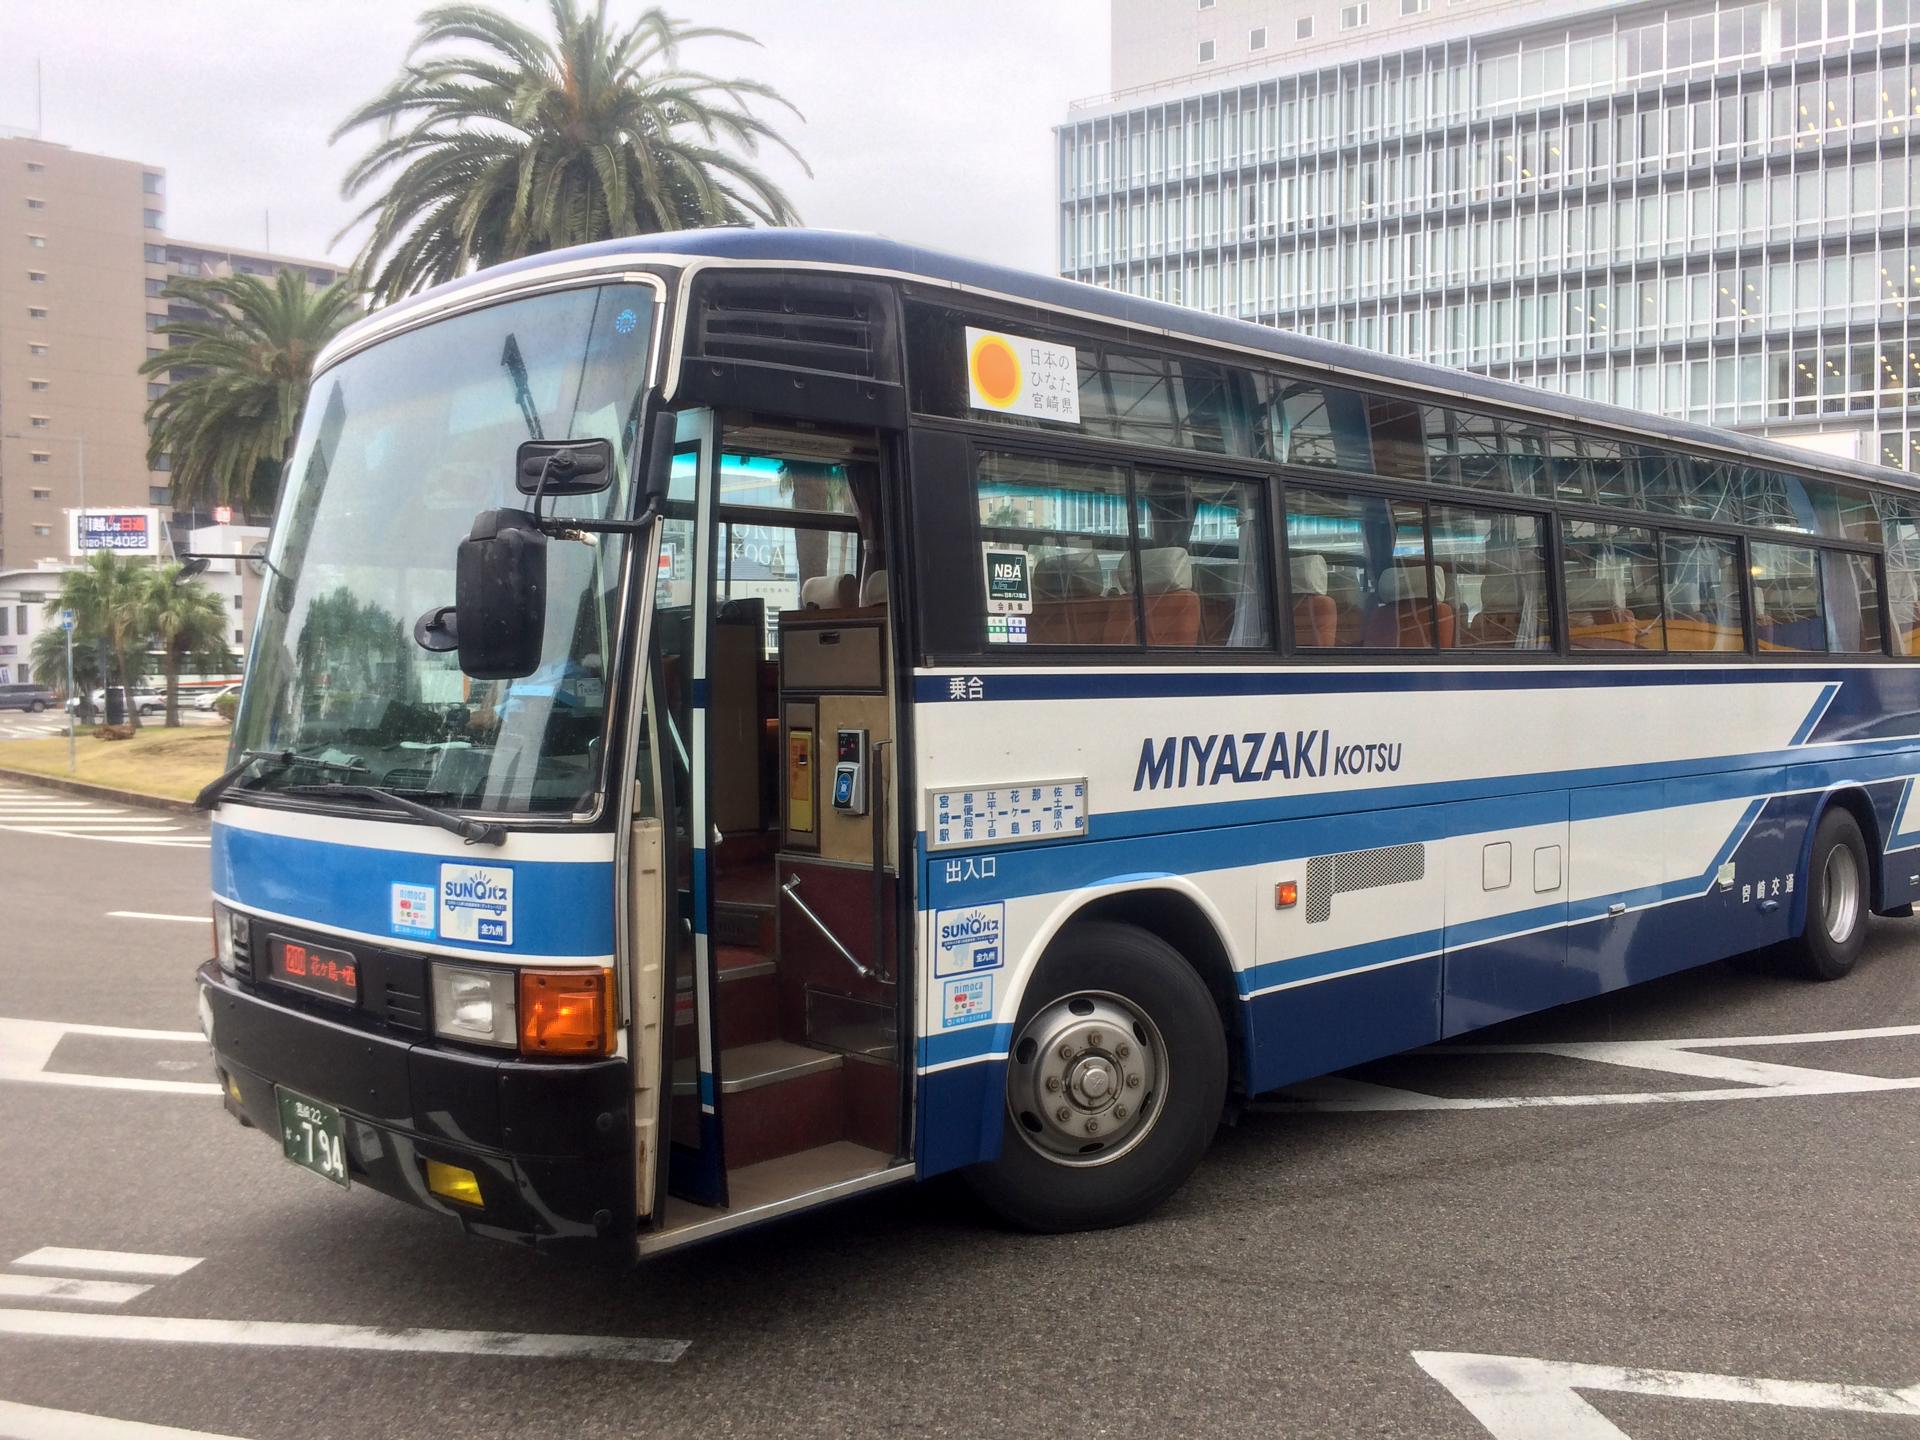 f:id:mitatowa:20161026195719j:plain